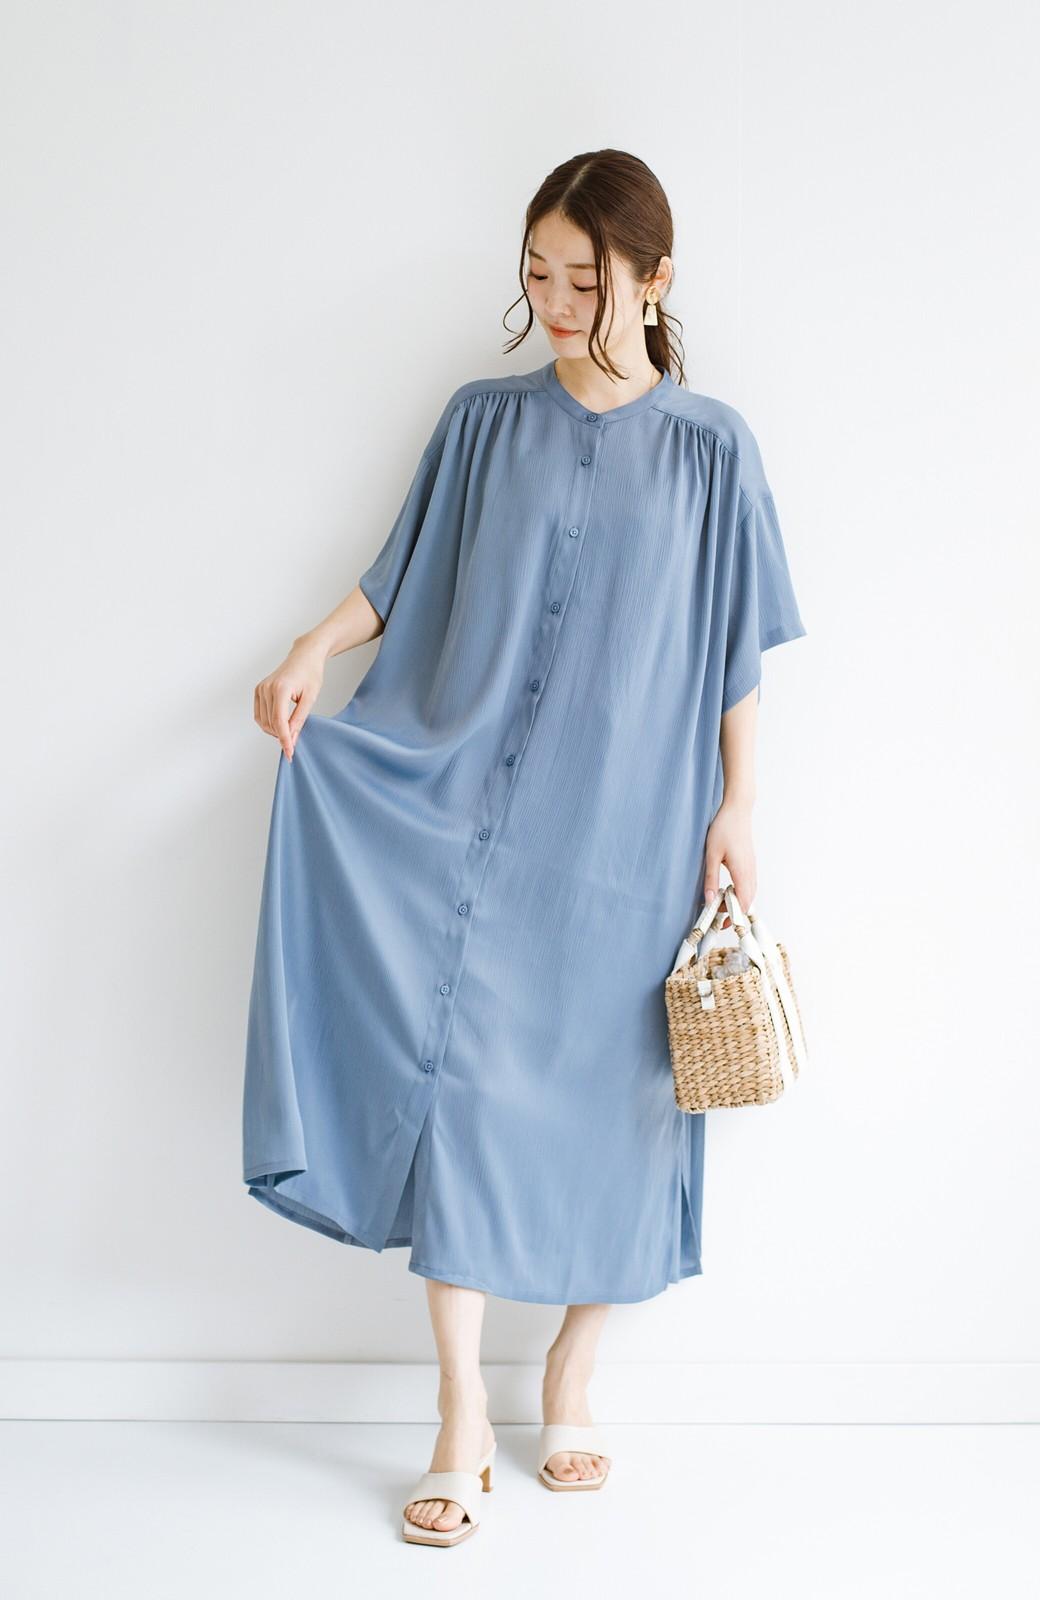 haco! 羽織としてもワンピースとしても着られちゃう 後ろ姿まで抜かりなくかわいいプリーツワンピース <ブルー>の商品写真16